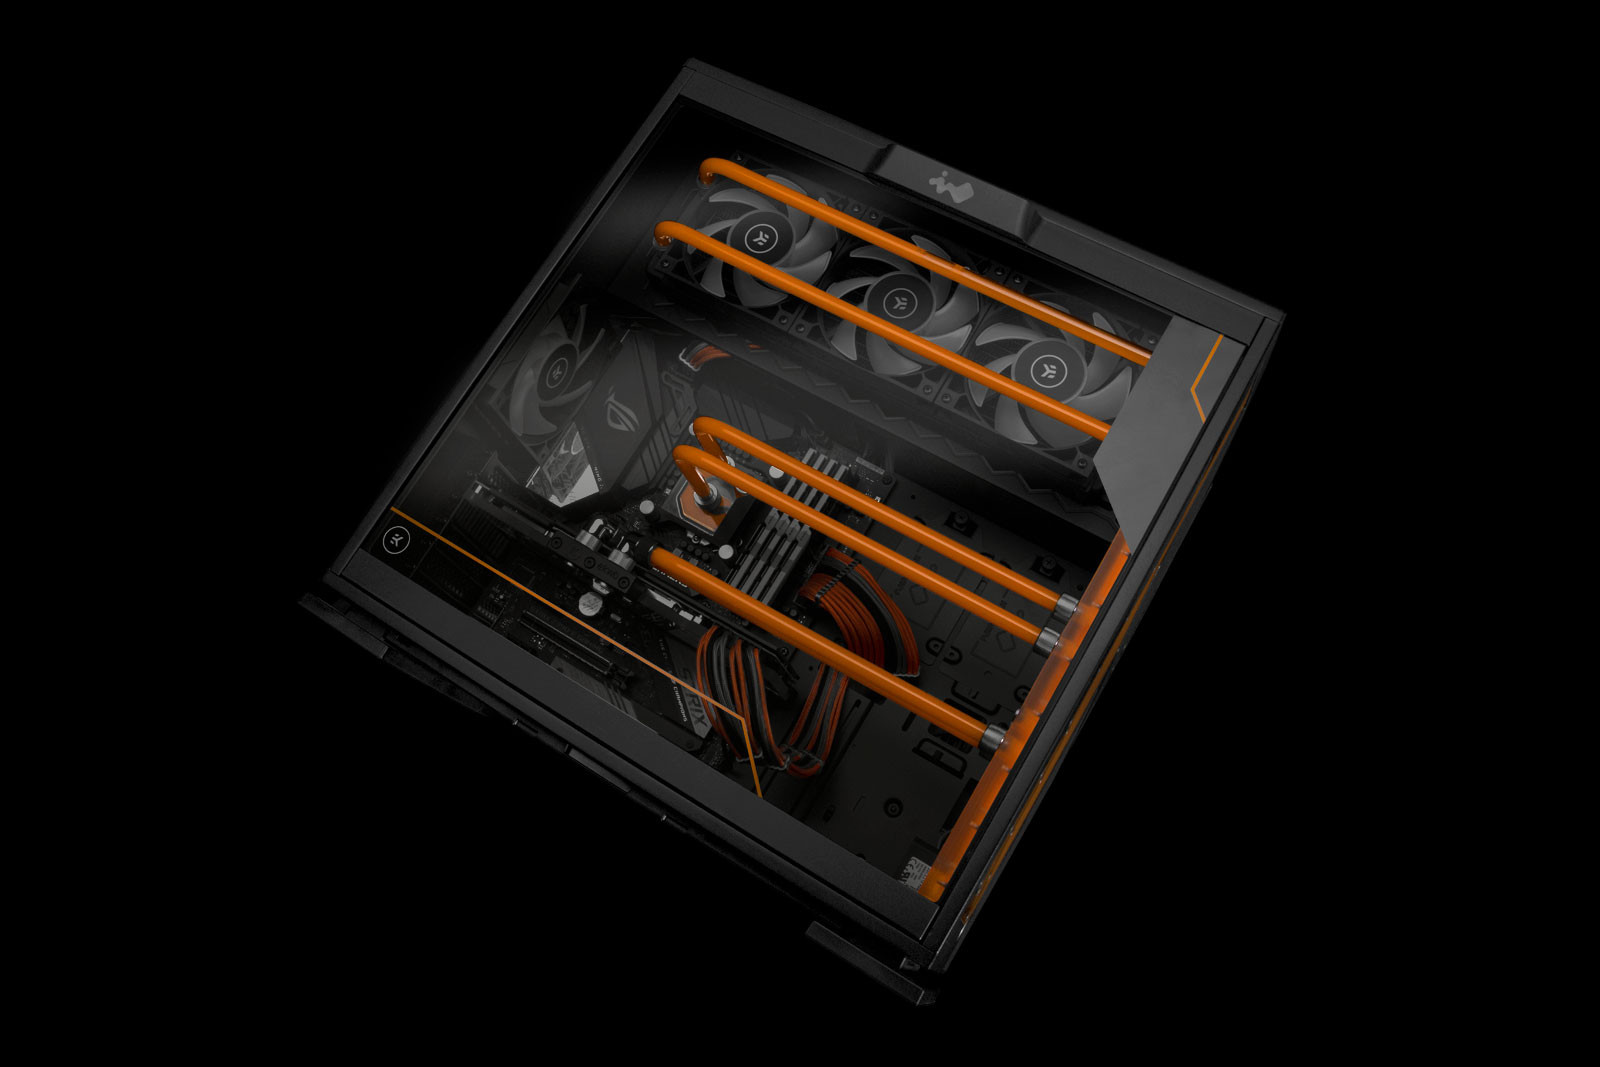 OLIOSPECオリジナル水冷PC EK-Classic InWin 303EK MODEL